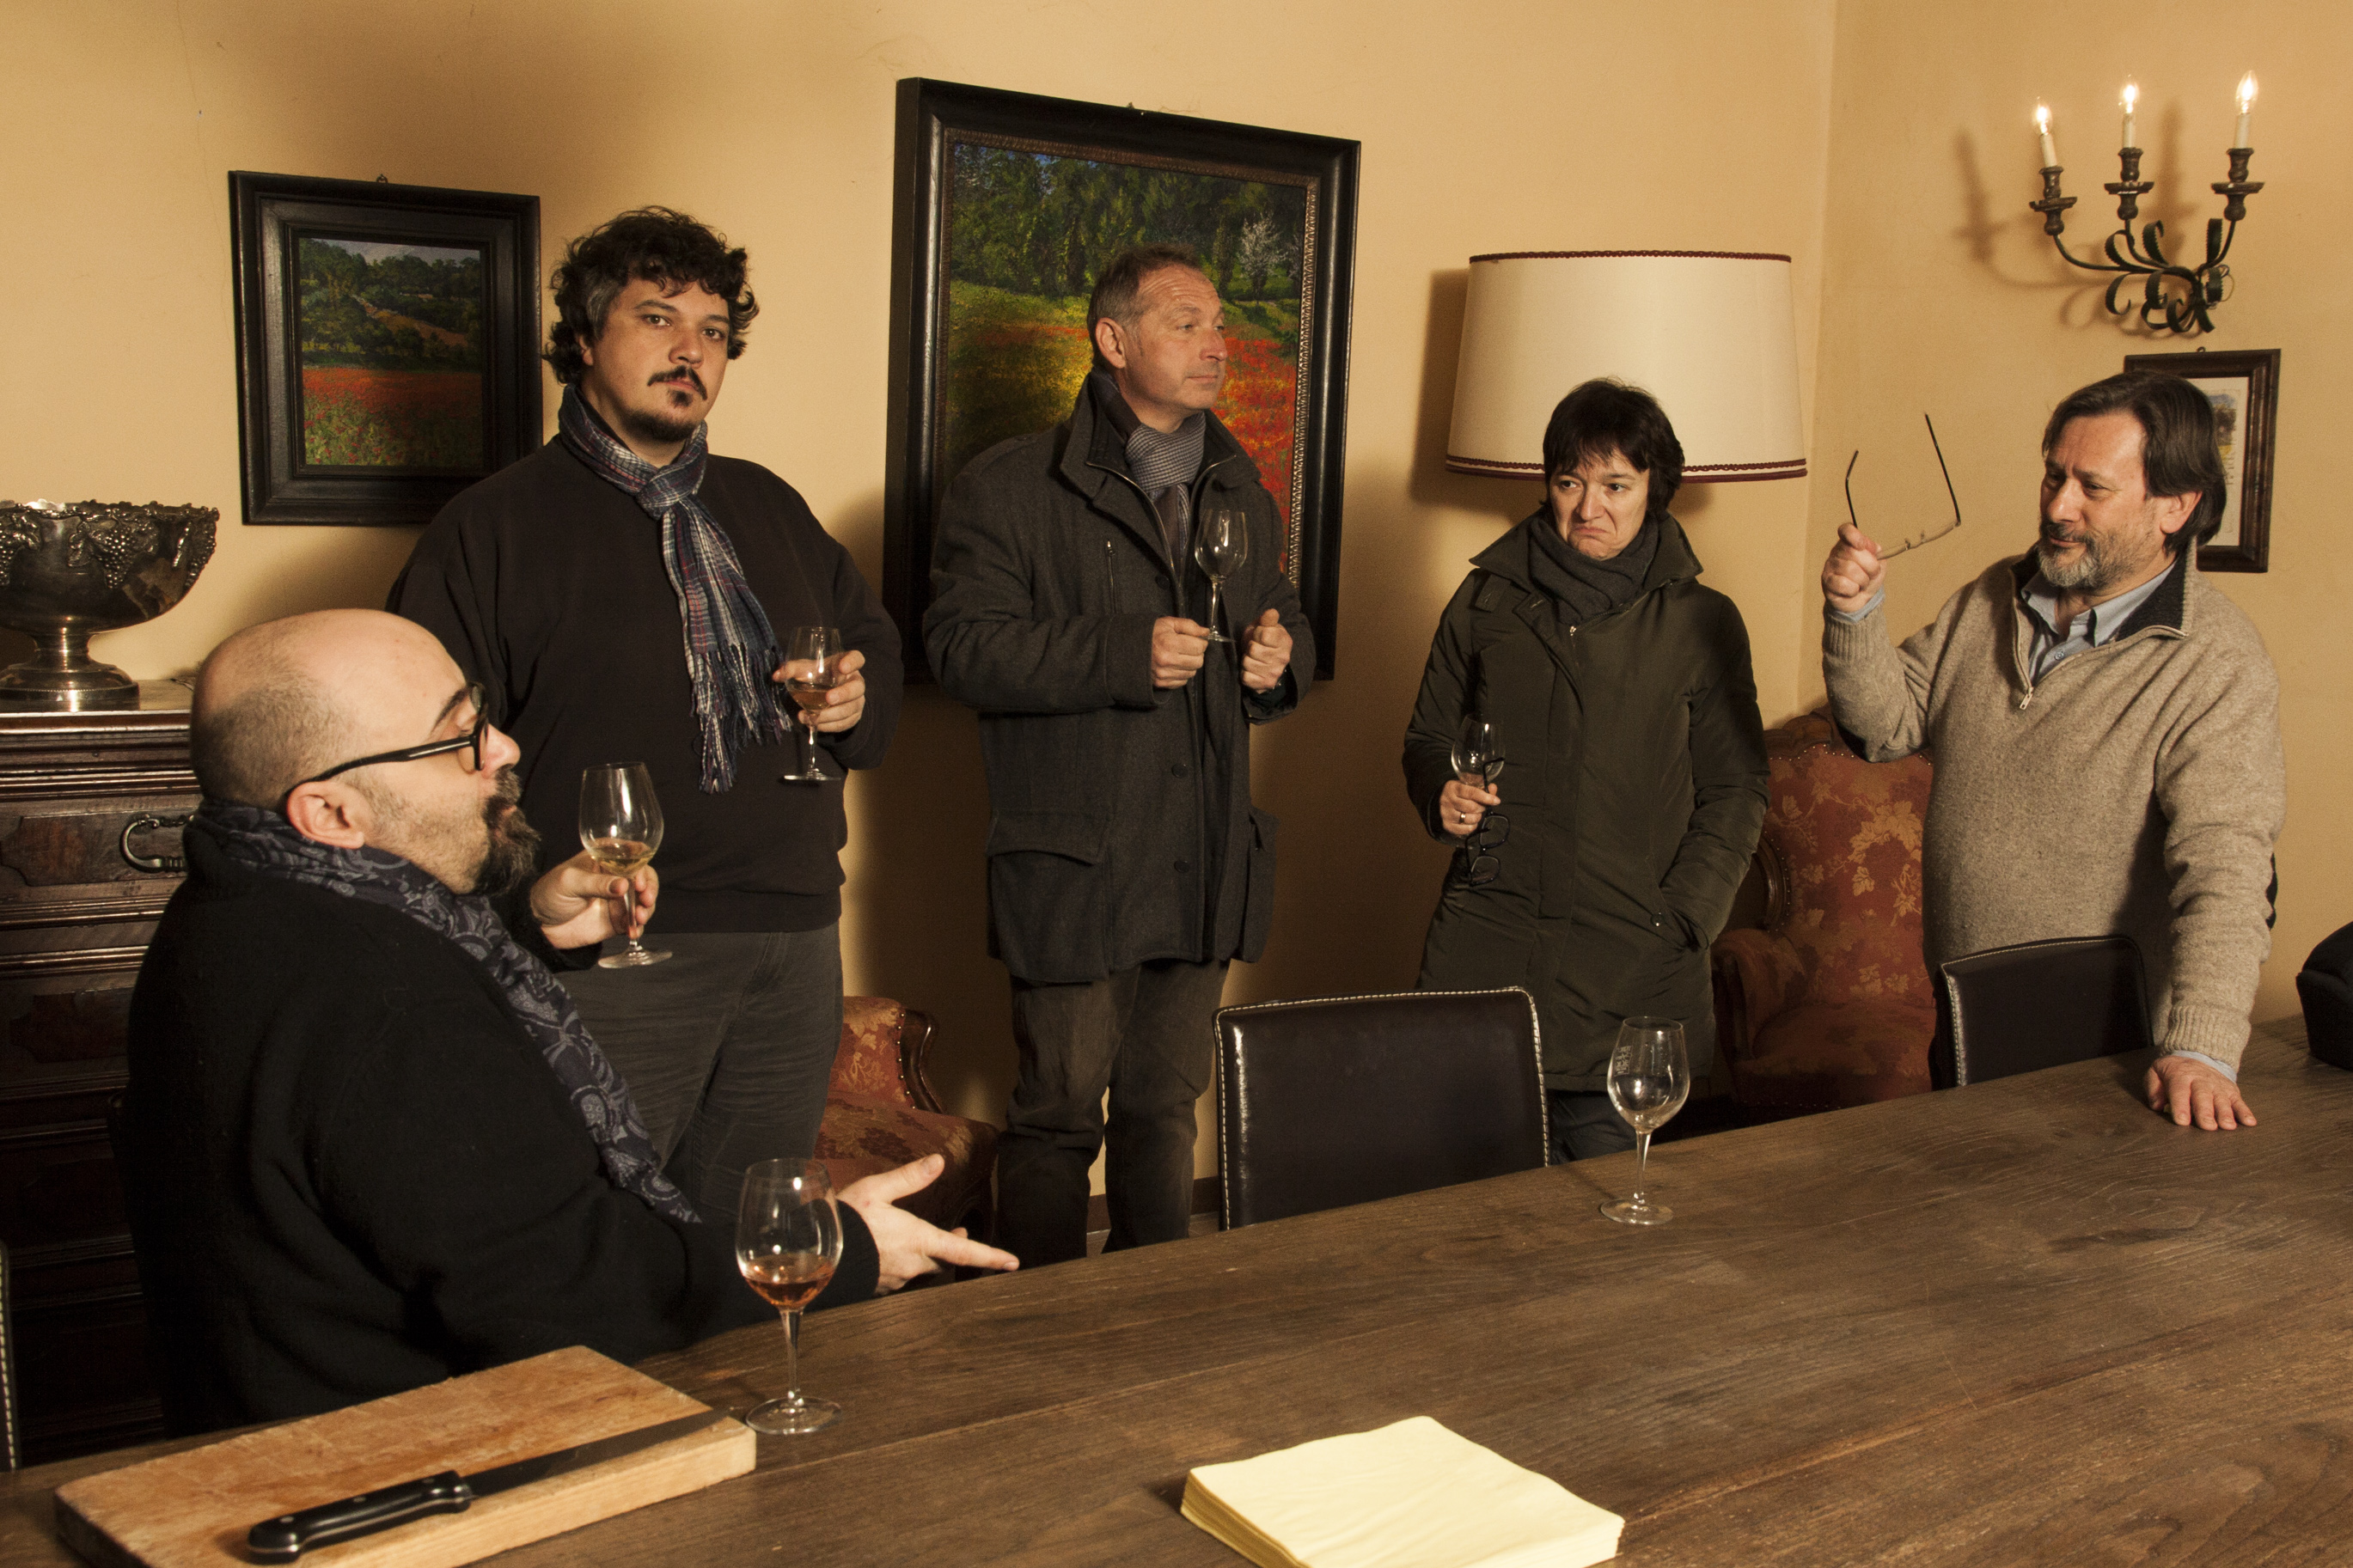 chiacchiere davanti a un bicchiere di vino